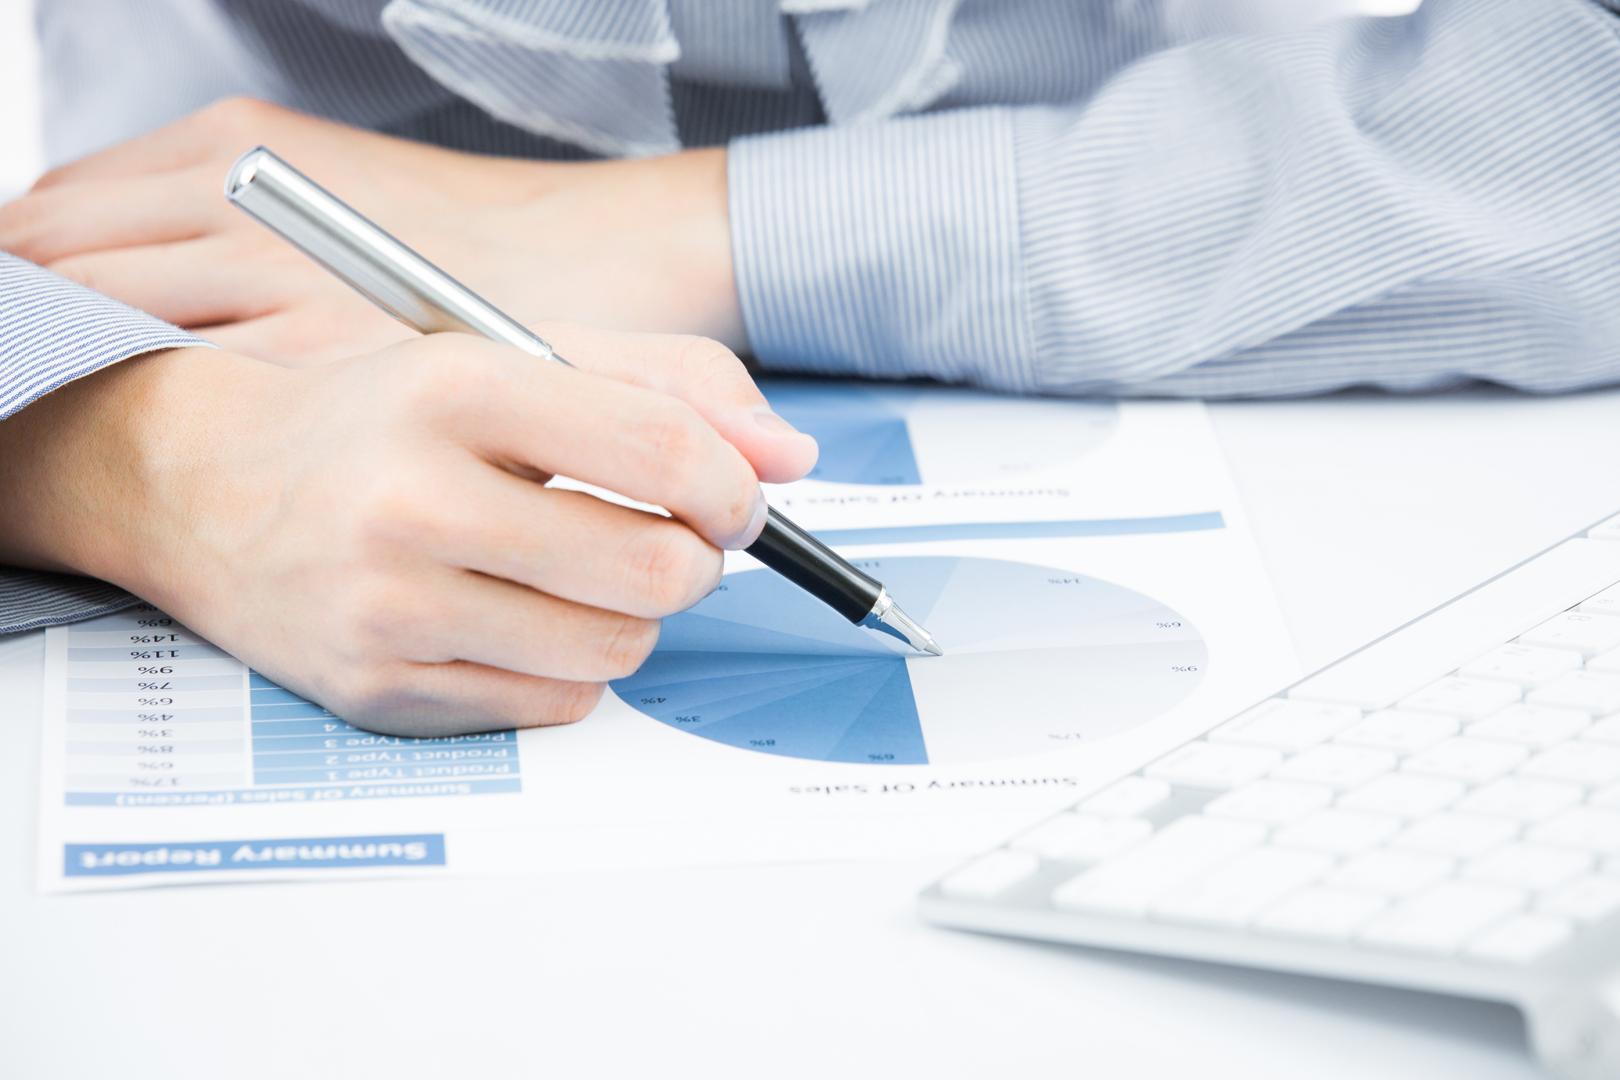 Gestione delle verifiche e dei controlli dell'Agenzia delle Entrate